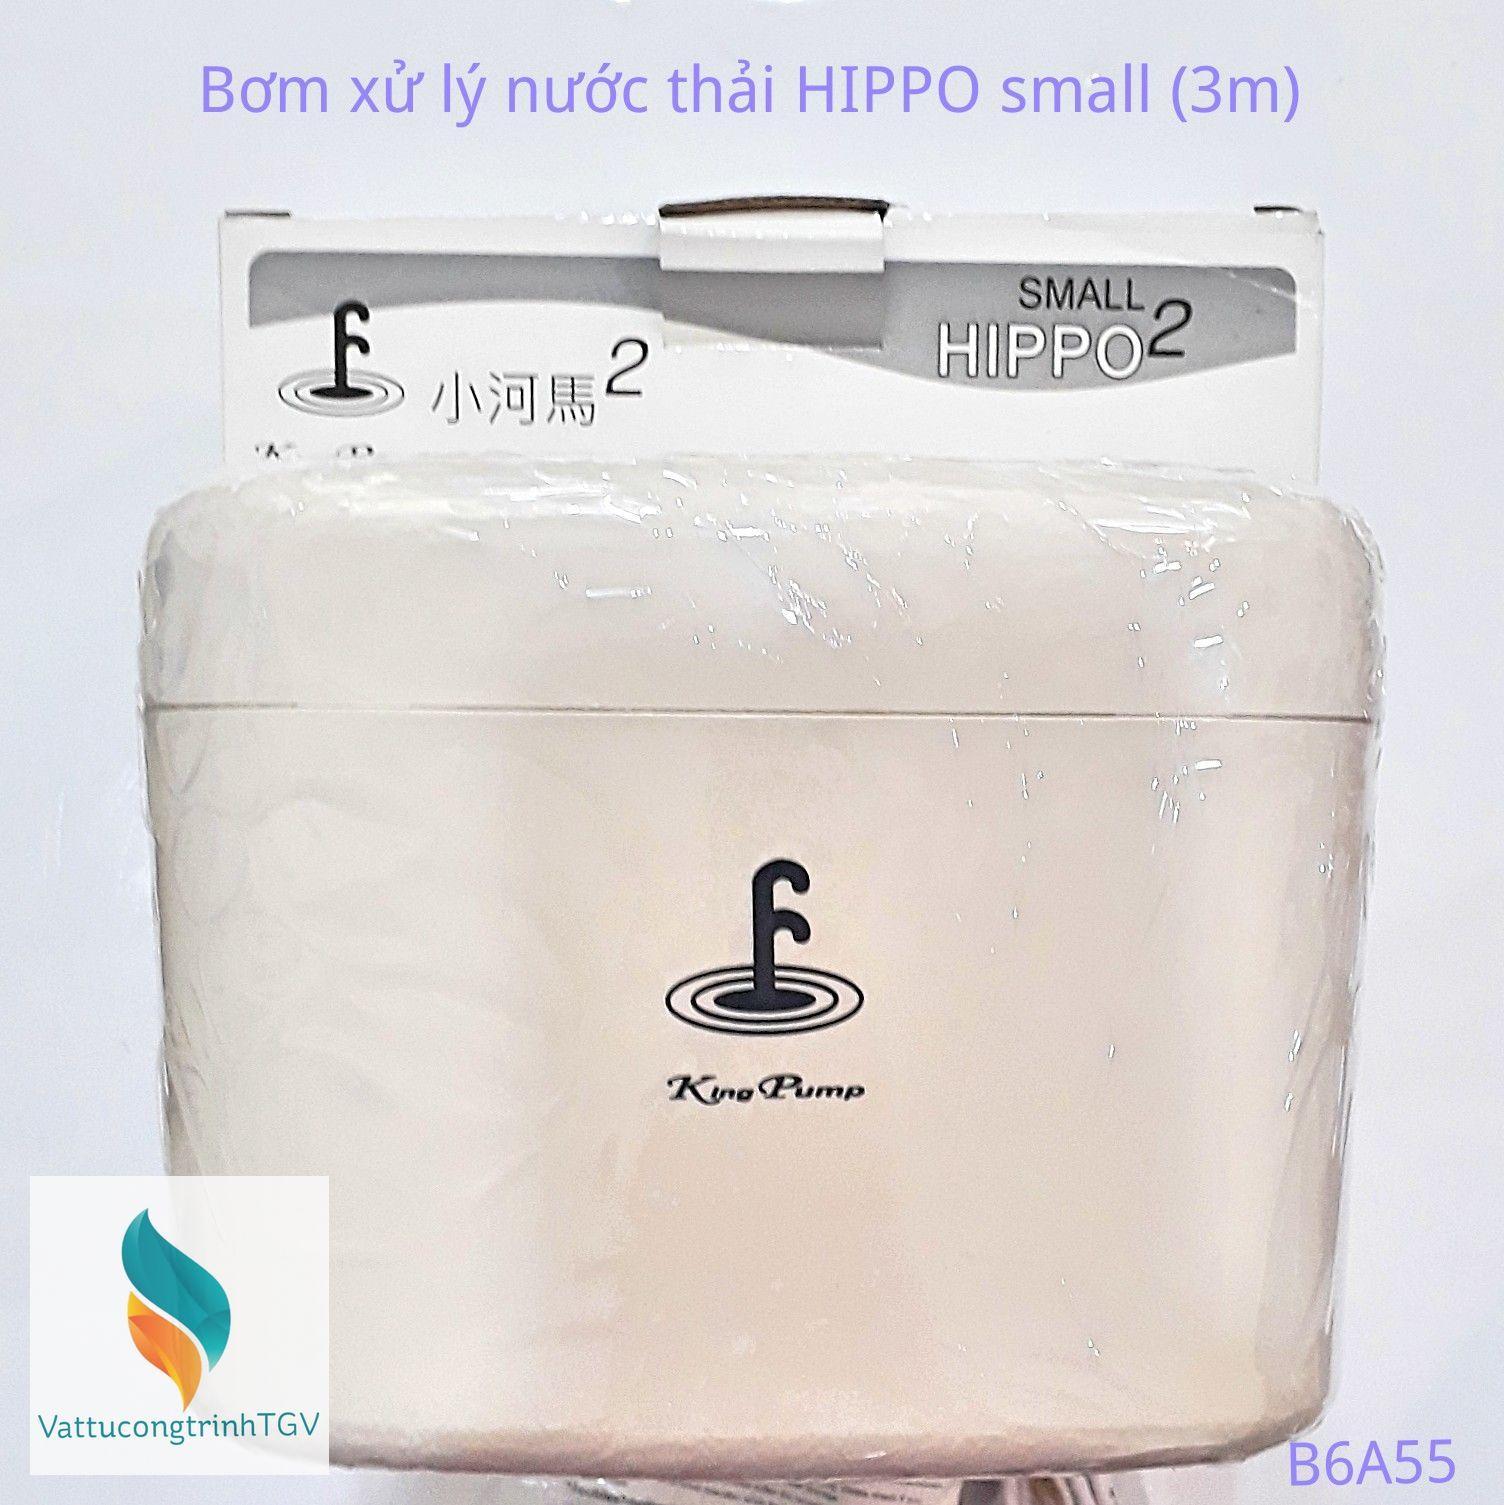 Bơm xử lý nước thải HIPPO small (3m)